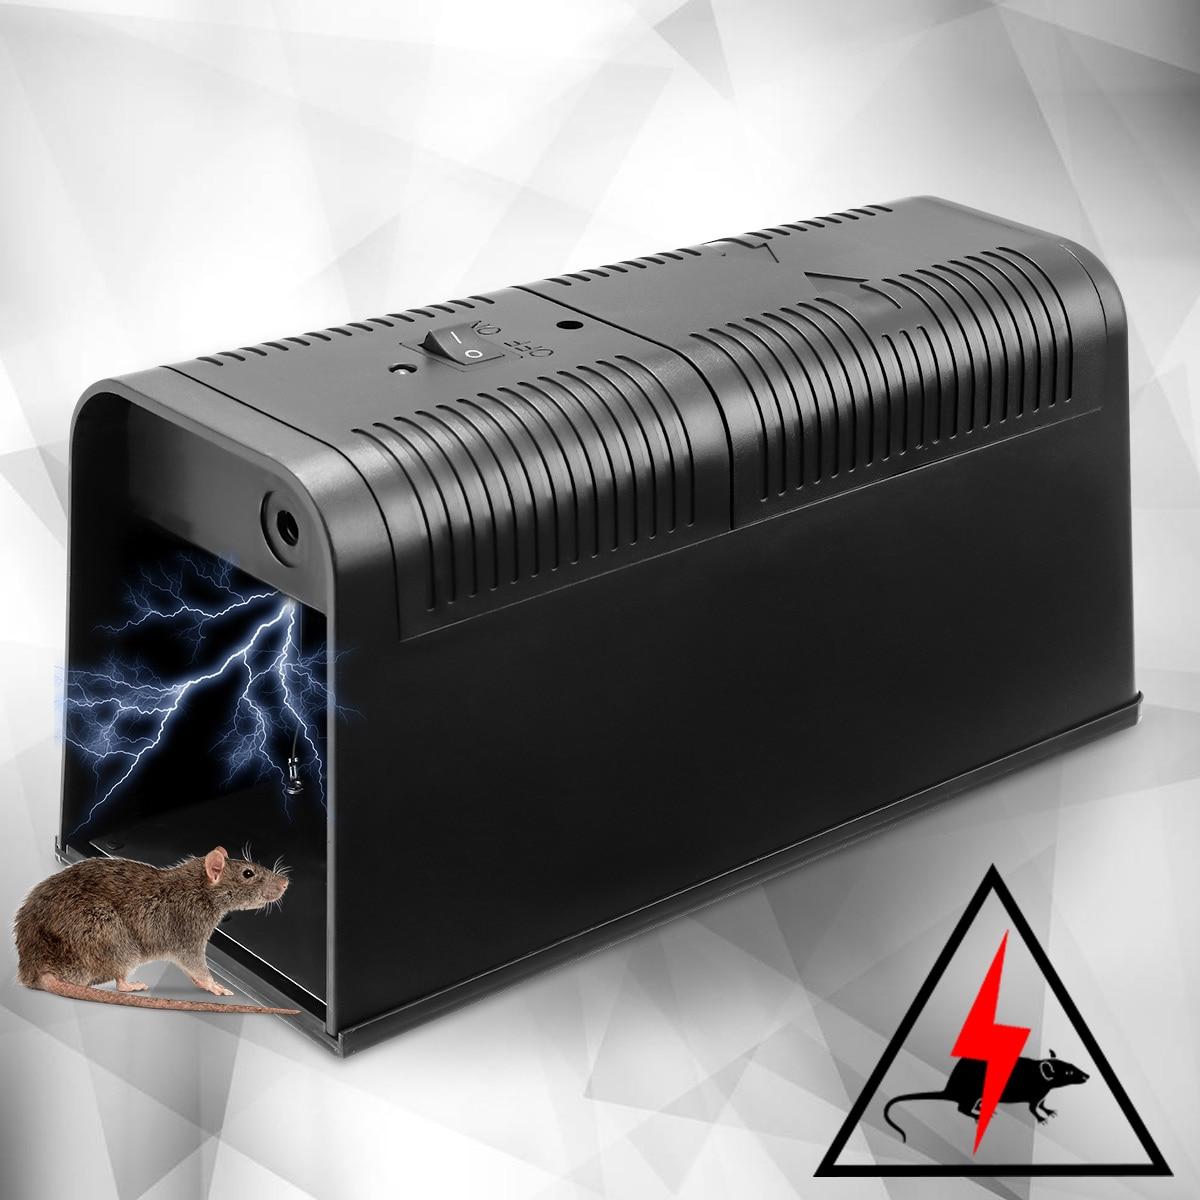 Elettronico Del Mouse Killer Ratto Zapper Trappola Sterminatore Humane Roditore Trappola Per Topi Dispositivo di 235X102X113mm DC6V